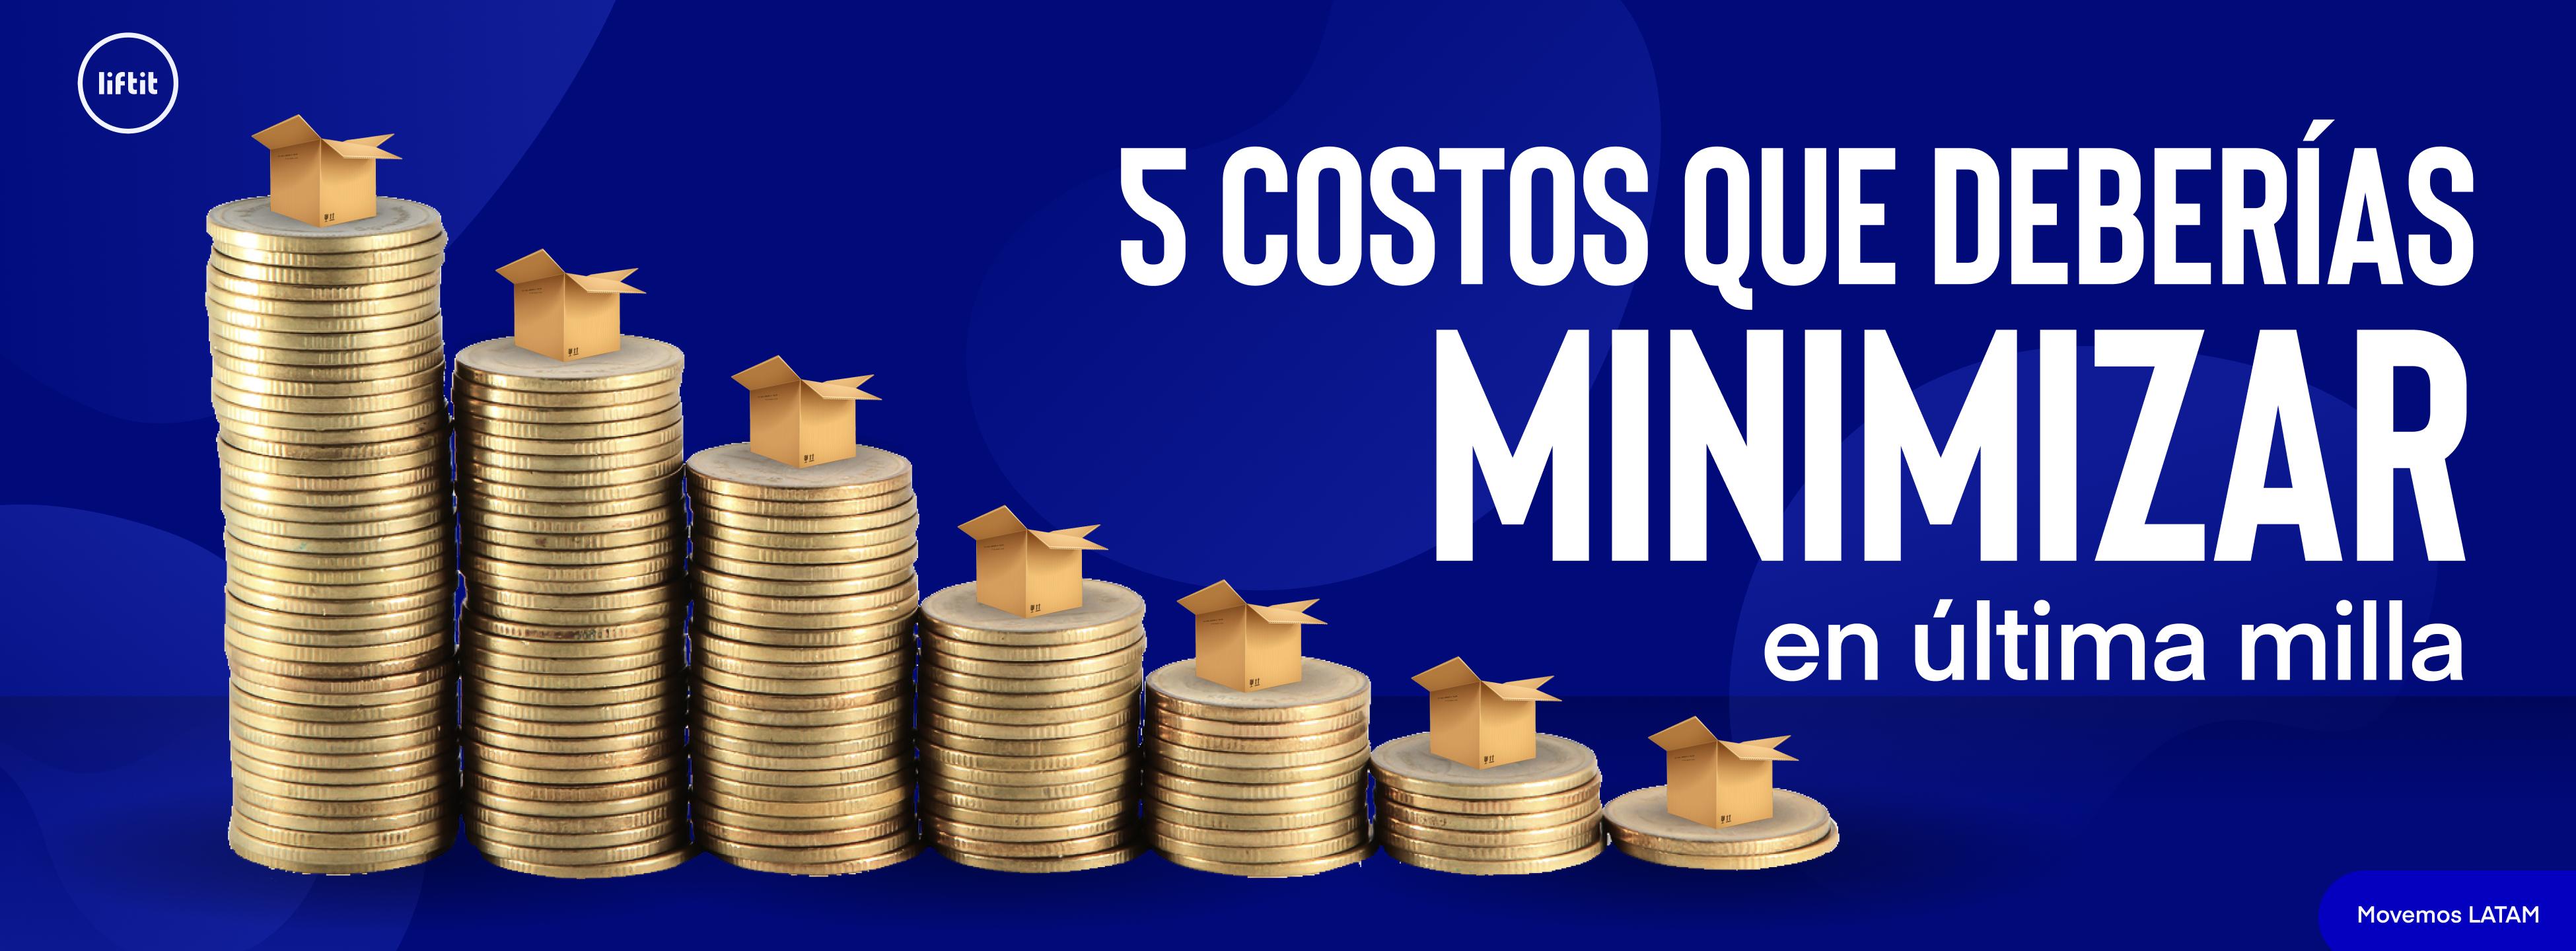 5 costos que deberías minimizar en última milla.